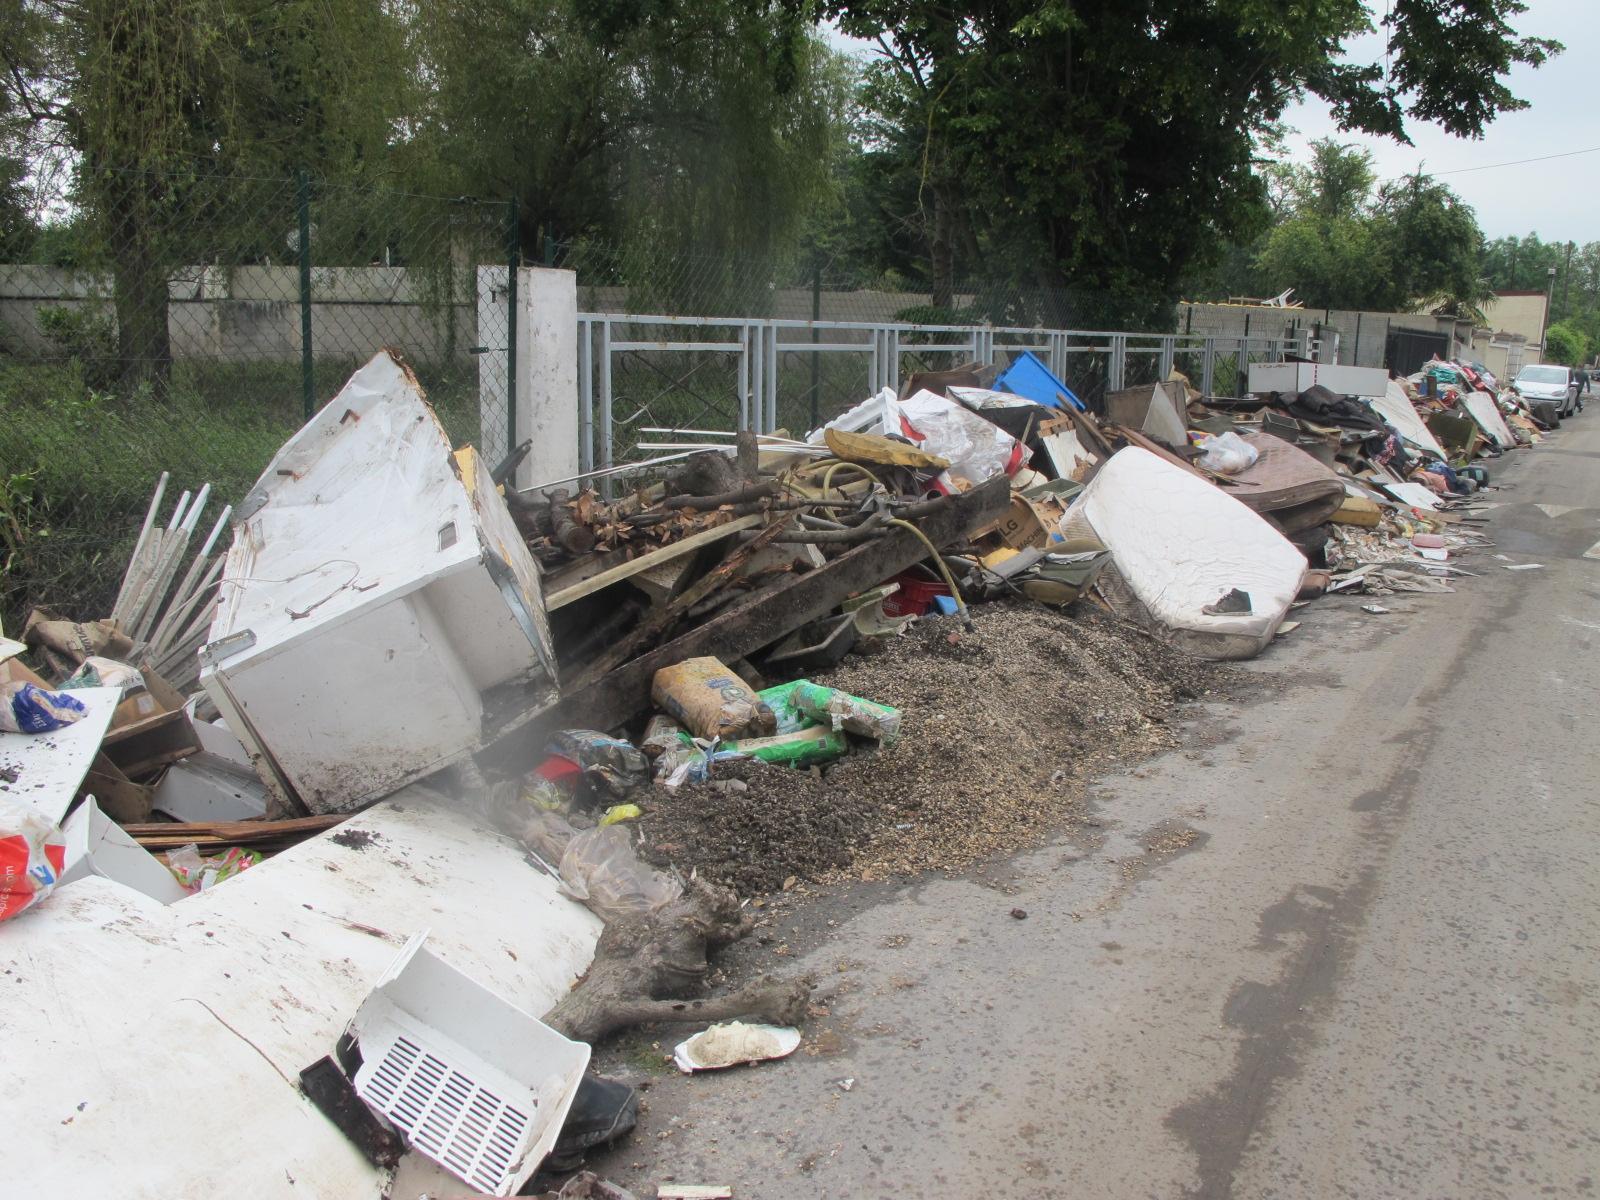 quartier blandin sinistre villeneuve saint georges (18) - Copie